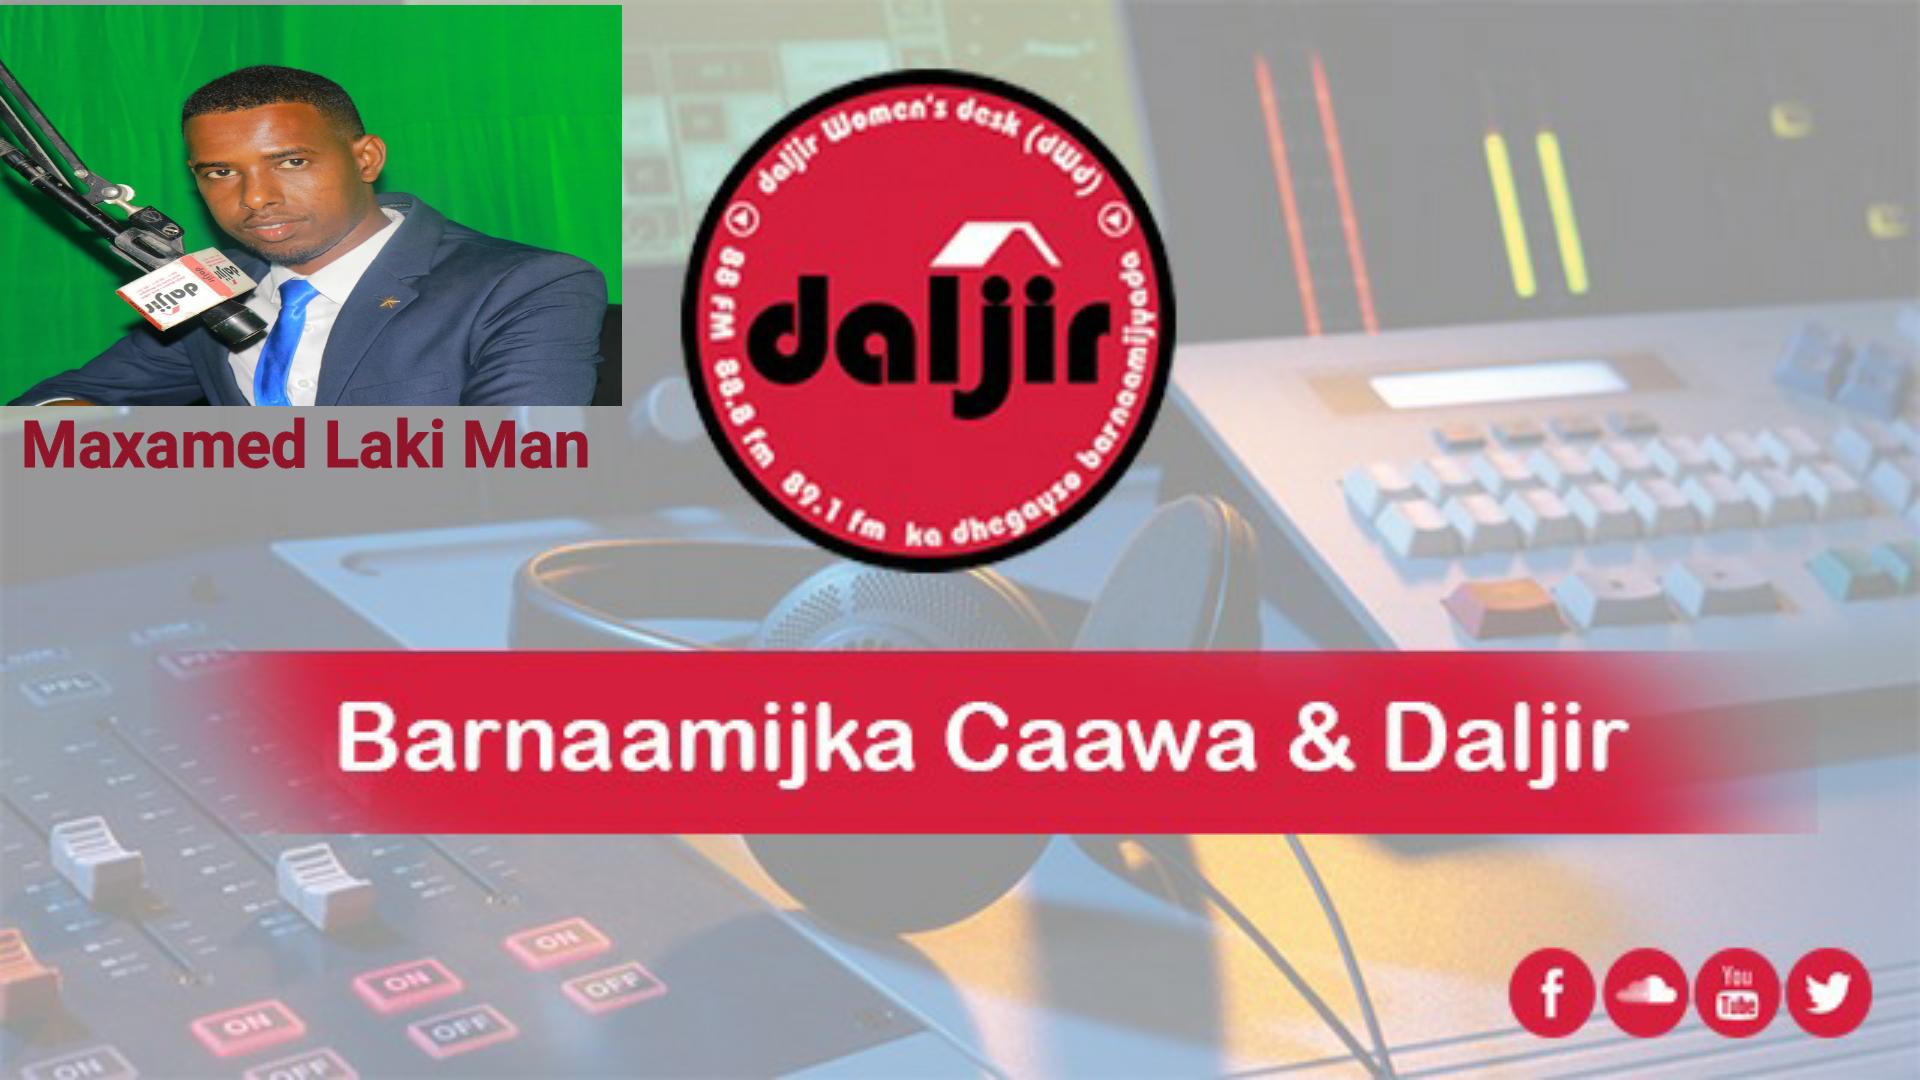 Caawa & Daljir iyo Maxamed Lakiman, Daljir Gaalkacyo (dhegayso)